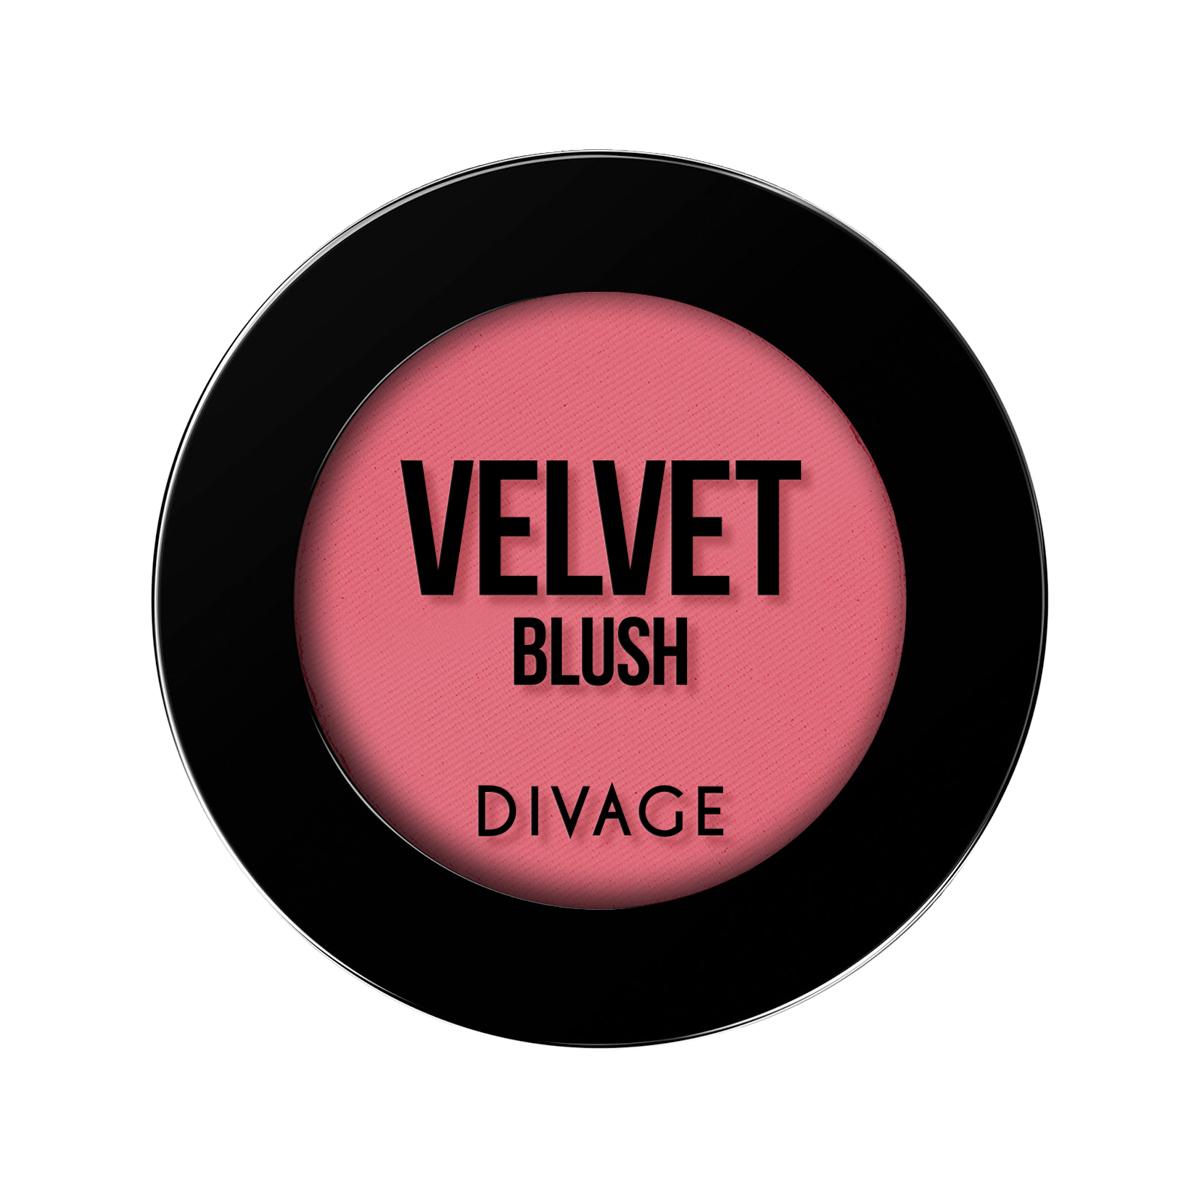 DIVAGE Румяна компактные VELVET, тон № 8704, 4 гр.215038Компактные румяна Divage Velvet с мелко дисперсной текстурой используются как коррекционные румяна, так и для цвета лица.